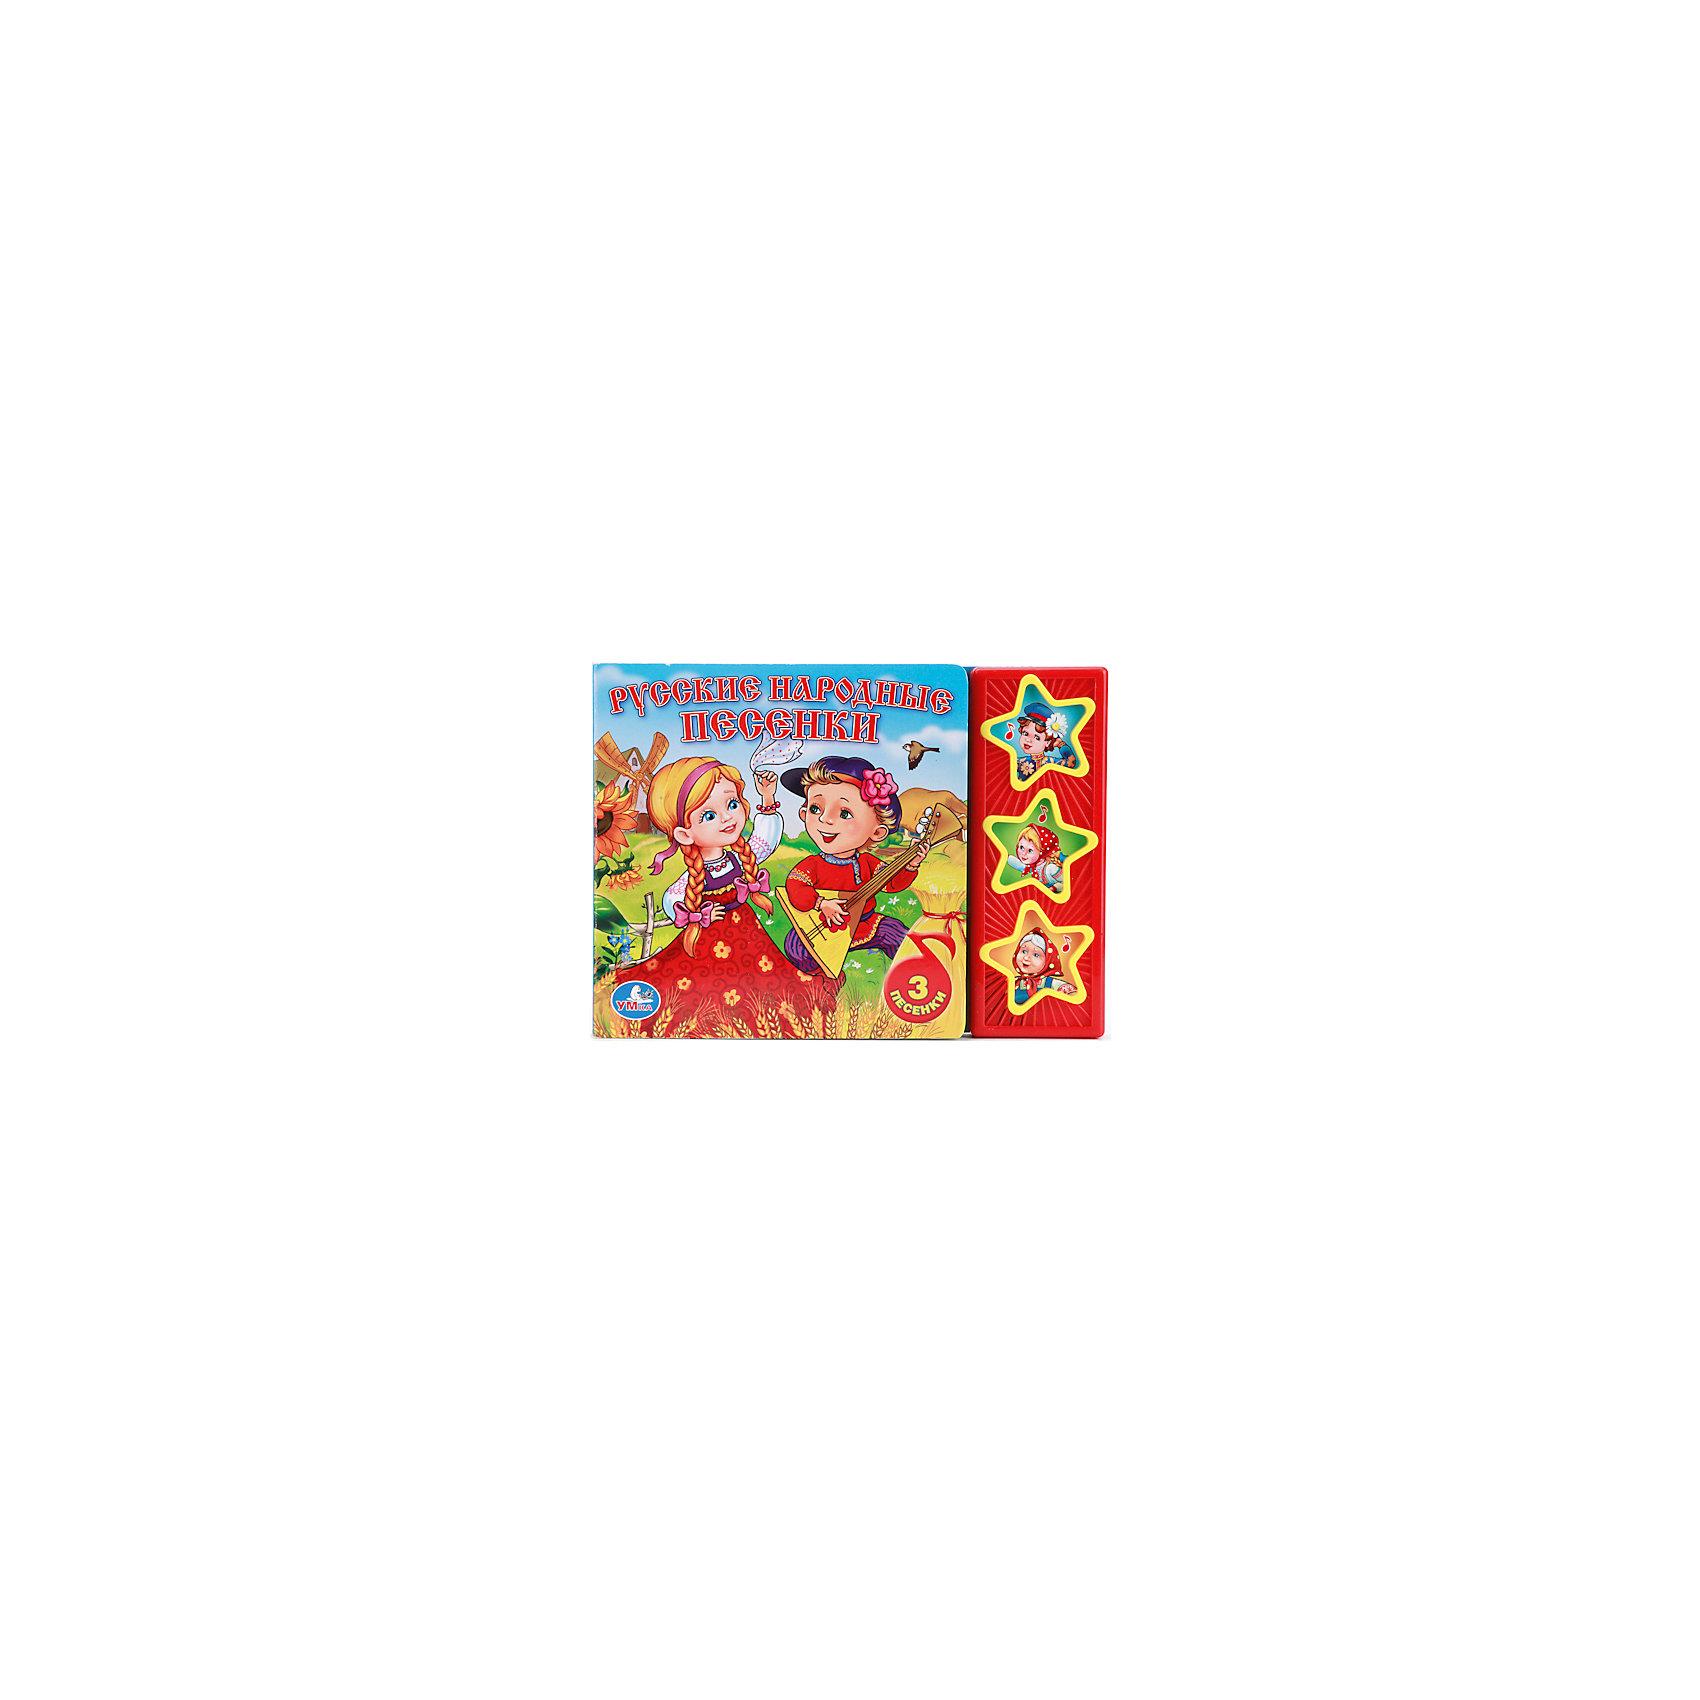 Русские народные песенки, УмкаЗамечательная музыкальная книга Русские народные песенки от Умка непременно порадует Вашего малыша! Любимые многими поколениями песни - кладезь народной мудрости, красочные иллюстрации и три кнопки-звездочки, нажав которые, Ваш ребенок сможет послушать чудесные композиции, - вот секрет успеха этой книги. Страницы выполнены из плотного глянцевого картона, устойчивого к внешним воздействиям, и имеют закруглённые края, что обеспечивает безопасность малыша. Чтение и прослушивание этой книги развивает слух, память, чувство ритма, цветовосприятие, мелкую моторику, фантазию. Прекрасный выбор для Вашего ребенка!<br><br>Дополнительная информация:<br>- рекомендованный возраст: от 1 года<br>- материалы: картон, пластик, металл<br>- батарейки в комплекте <br>- размеры: 21 х 15 х 2 см<br>- вес: 200 гр<br><br>Книгу Русские народные песенки, Умка можно купить в нашем магазине<br><br>Ширина мм: 210<br>Глубина мм: 150<br>Высота мм: 20<br>Вес г: 200<br>Возраст от месяцев: 36<br>Возраст до месяцев: 84<br>Пол: Унисекс<br>Возраст: Детский<br>SKU: 4754678